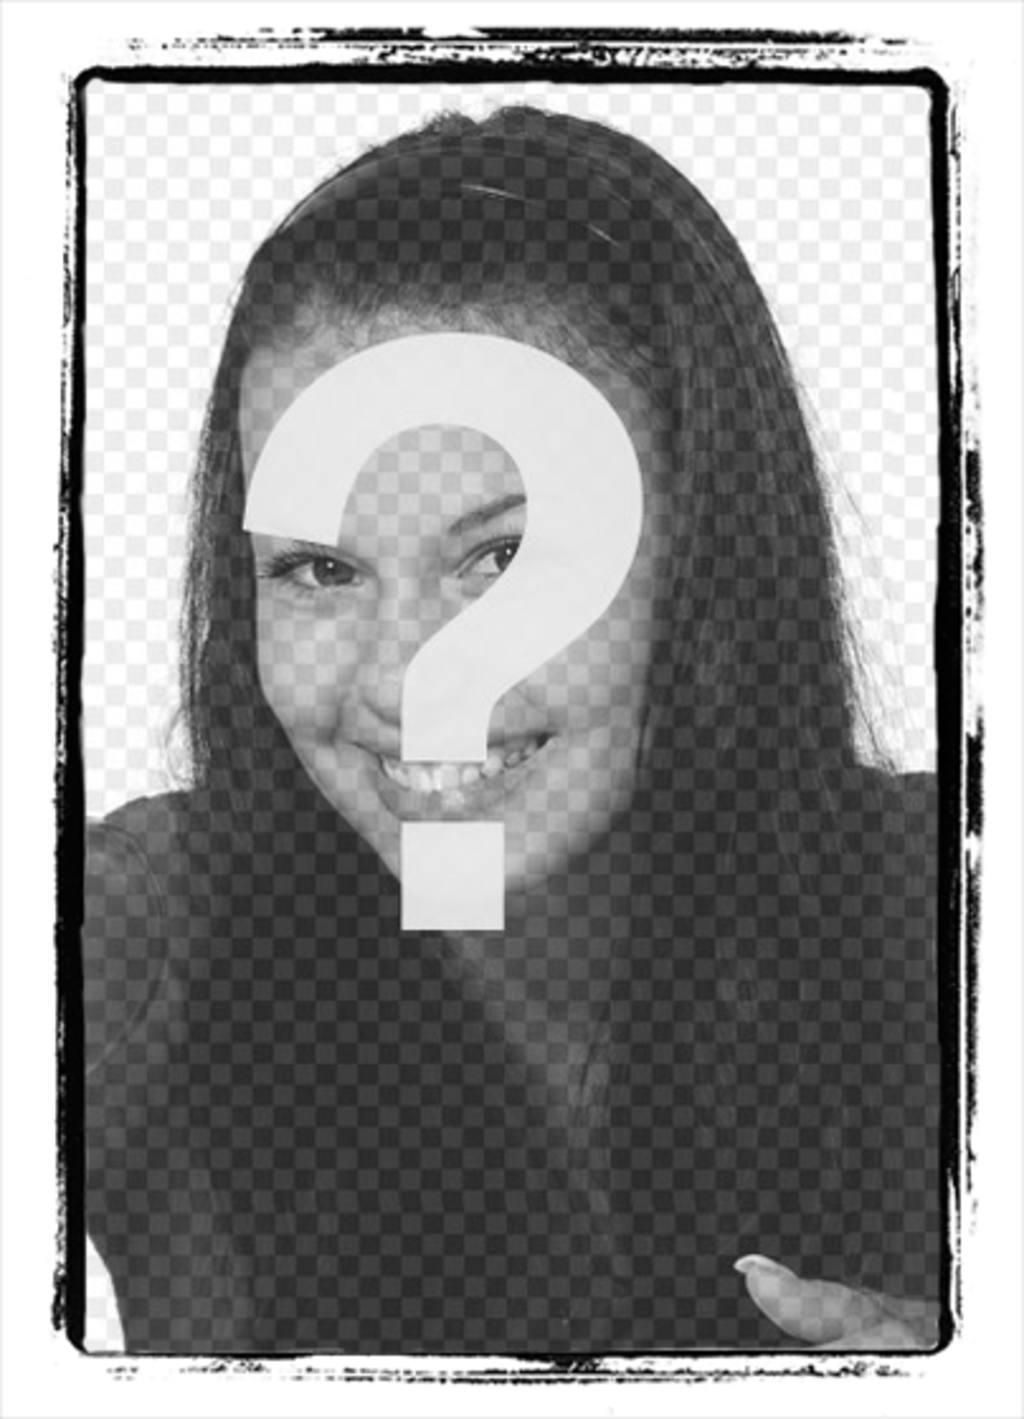 Cadre photo avec le bord de la peinture noire pour mettre une photo